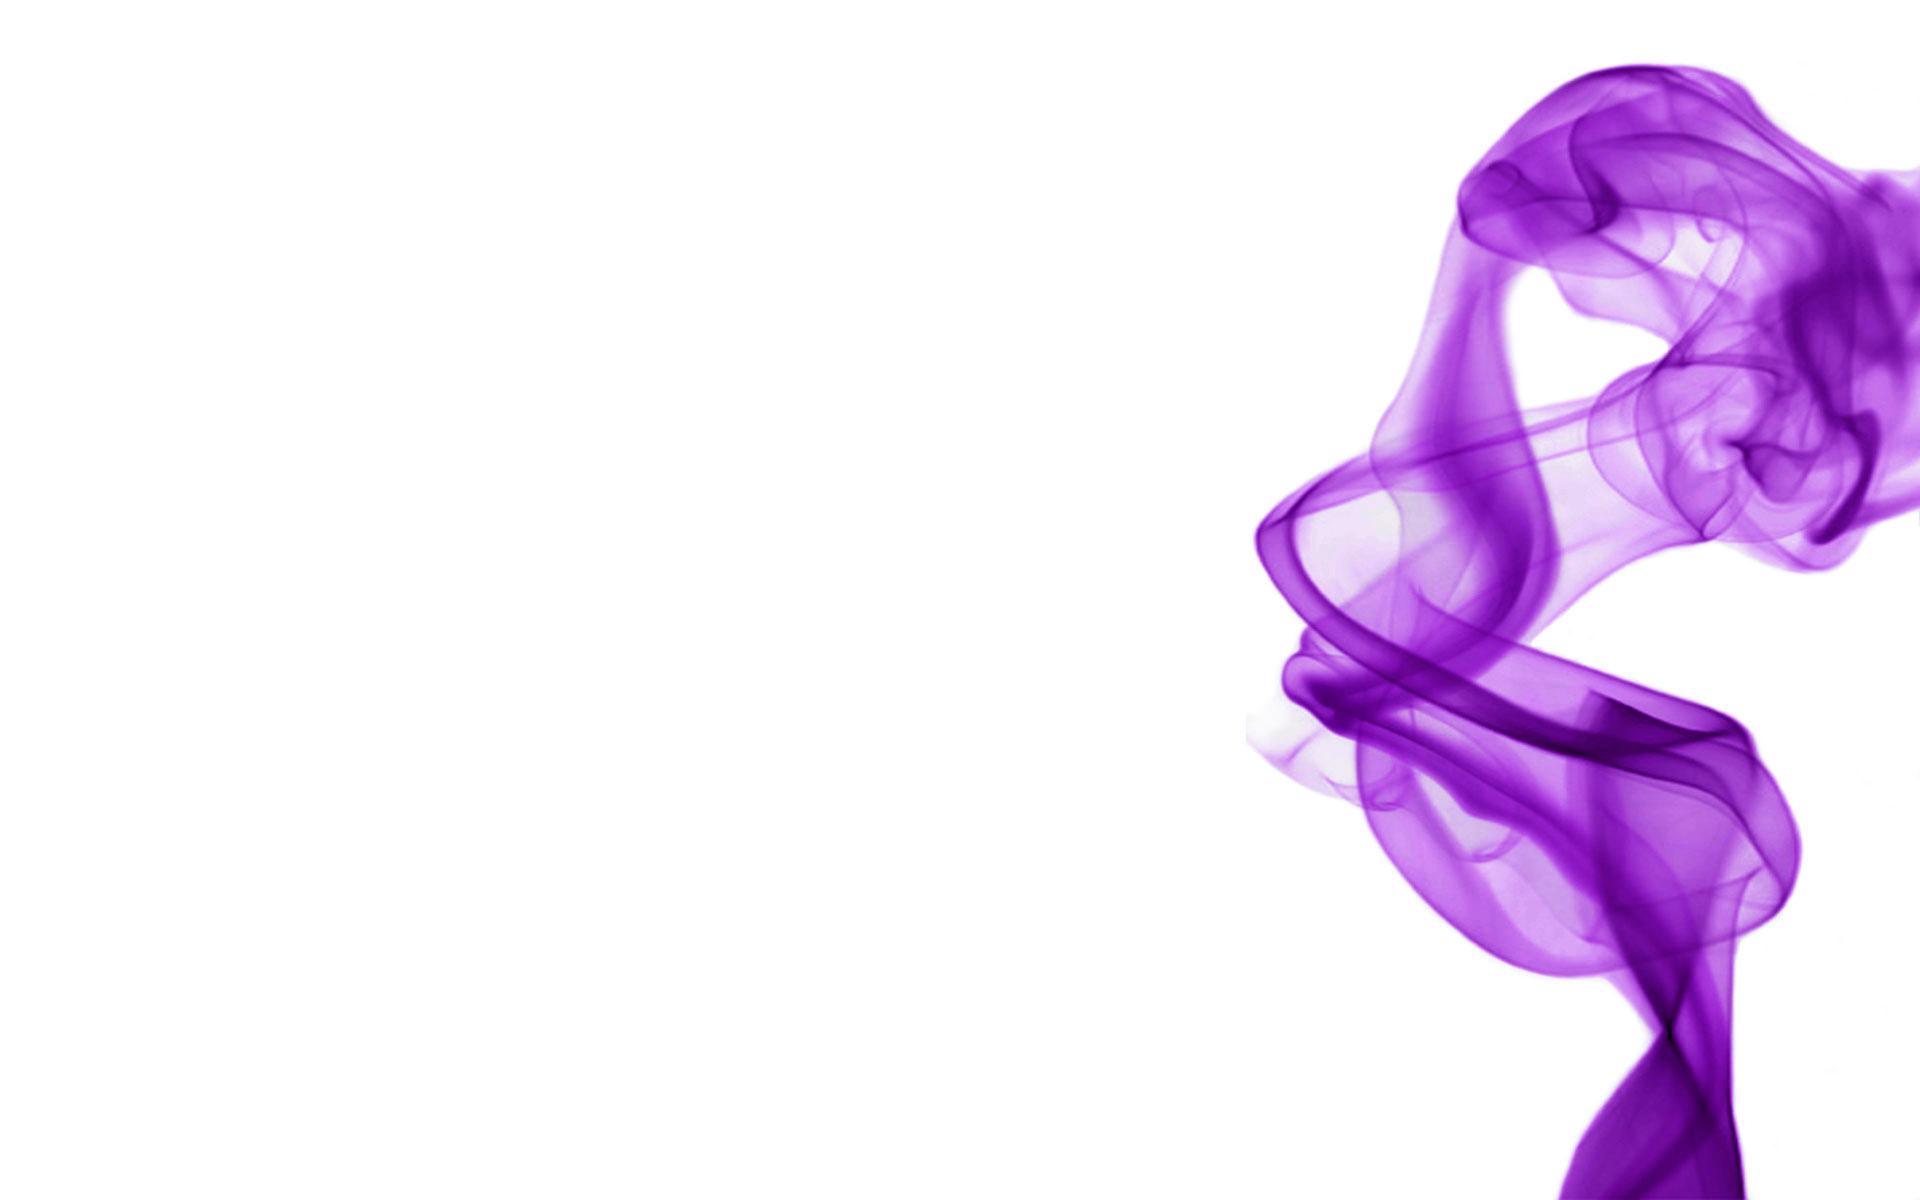 Purple Smoke And White Wallpaper 10465 Wallpaper Wallpaper Screen 1920x1200